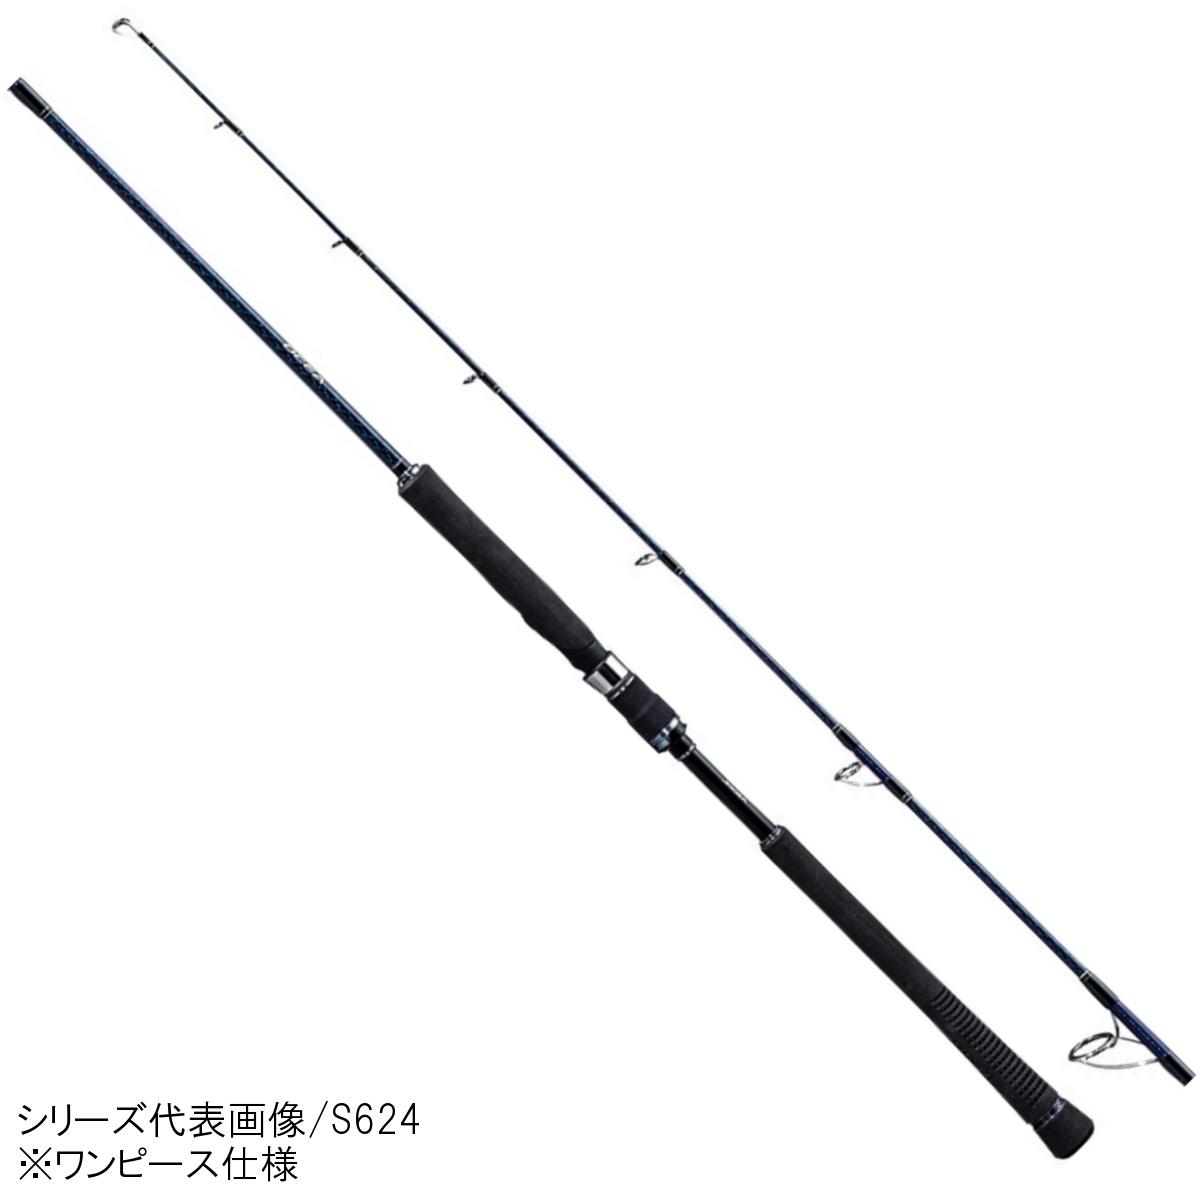 シマノ オシアジガー スピニング クイックジャーク(ショートレングスモデル) S510-4【大型商品】(東日本店)